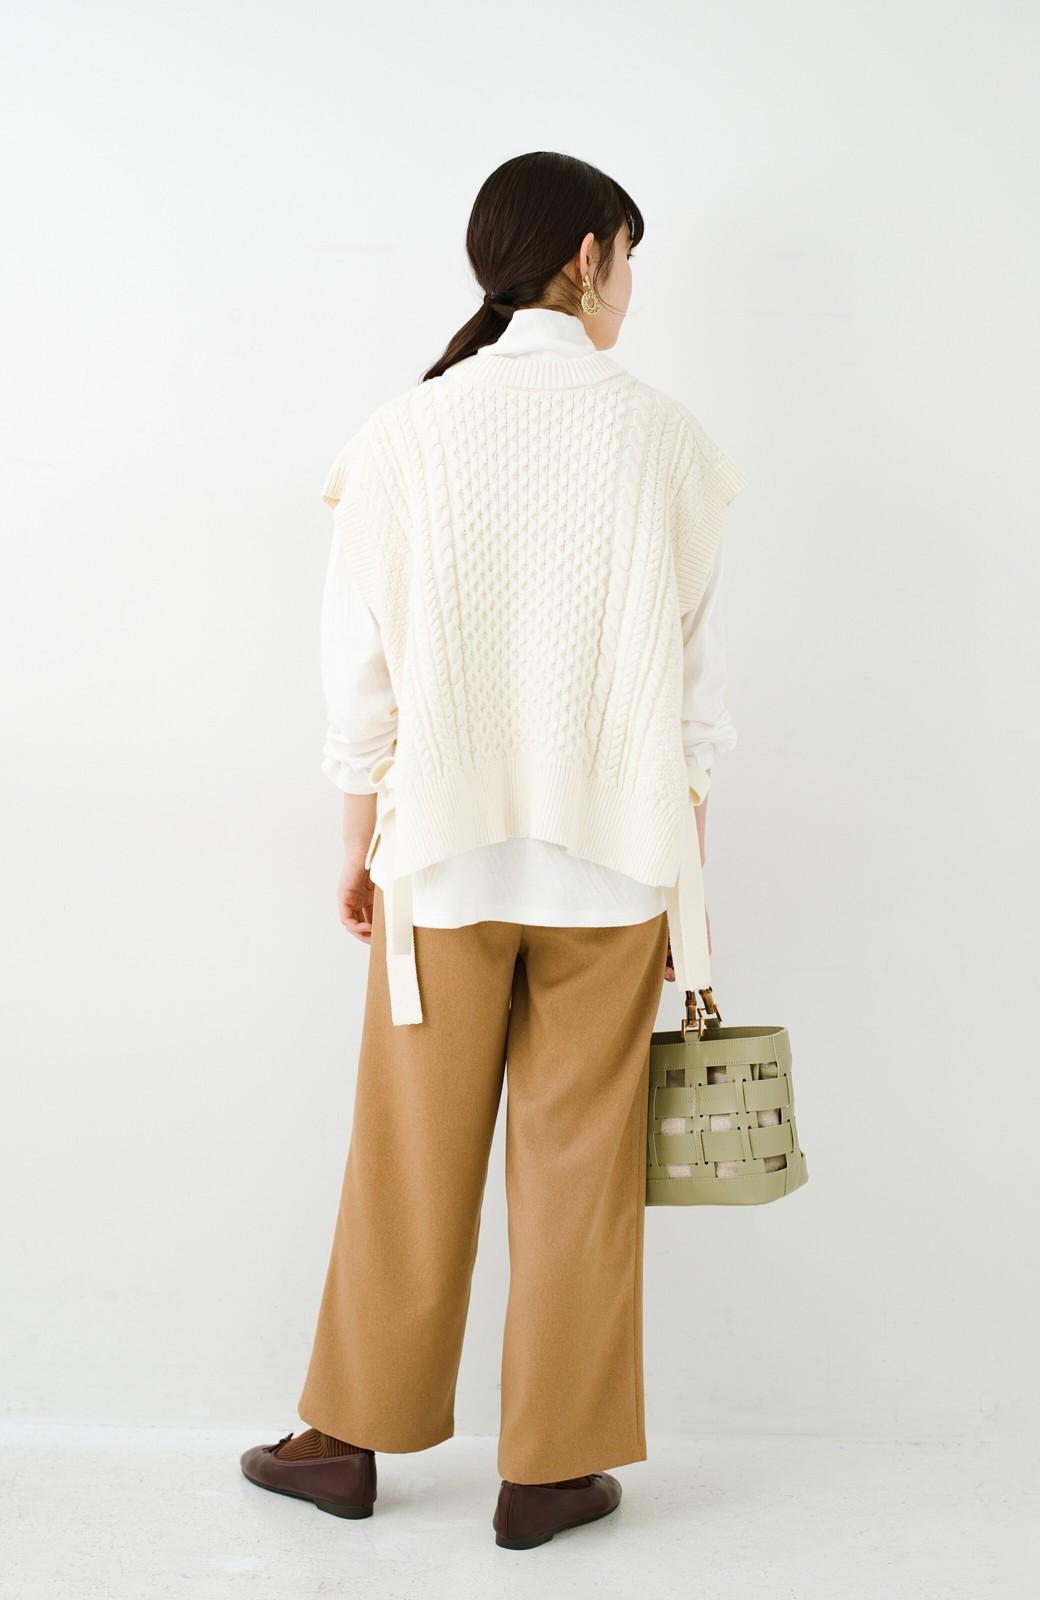 haco! ワンピースやシャツに重ねるだけであっという間に今っぽくなれるケーブル編みニットベスト <アイボリー>の商品写真20